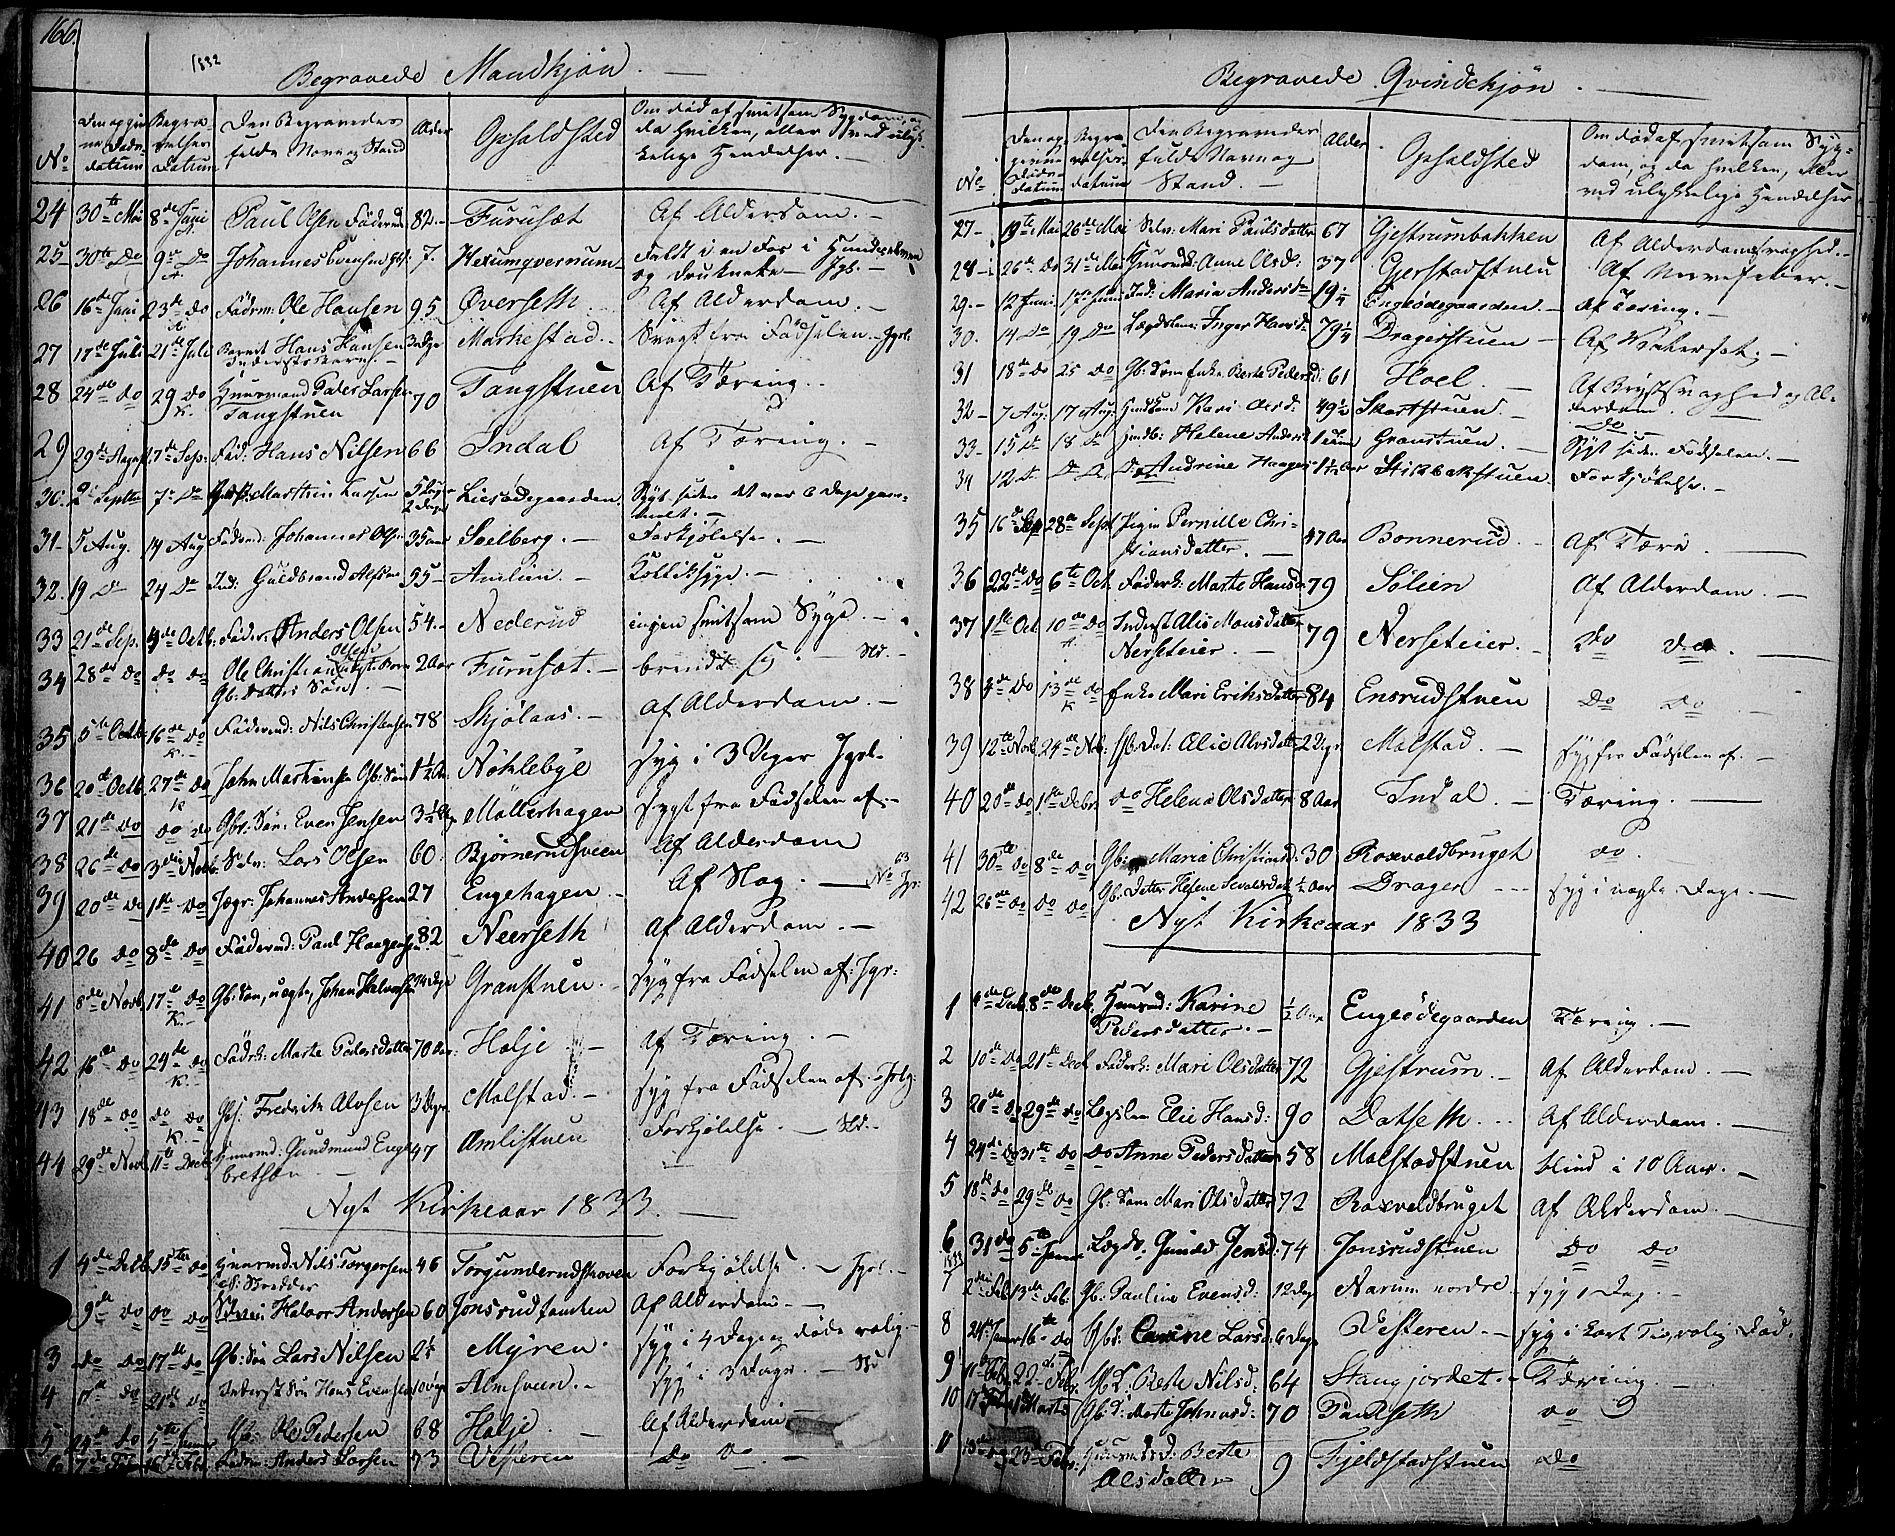 SAH, Vestre Toten prestekontor, Ministerialbok nr. 2, 1825-1837, s. 166